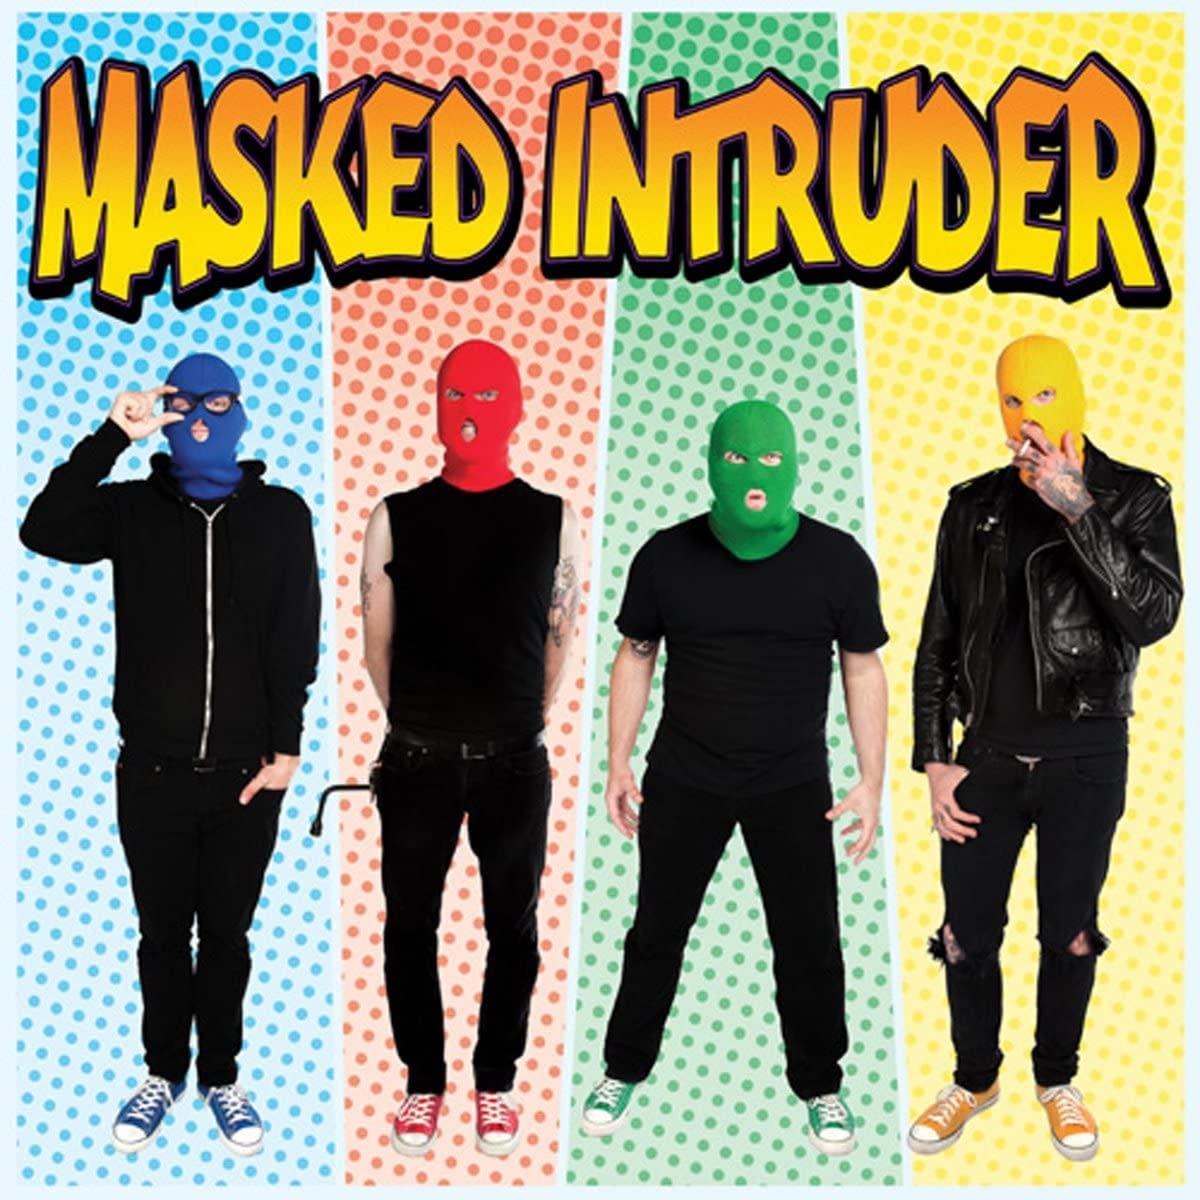 Masked Intruder – Masked Intruder